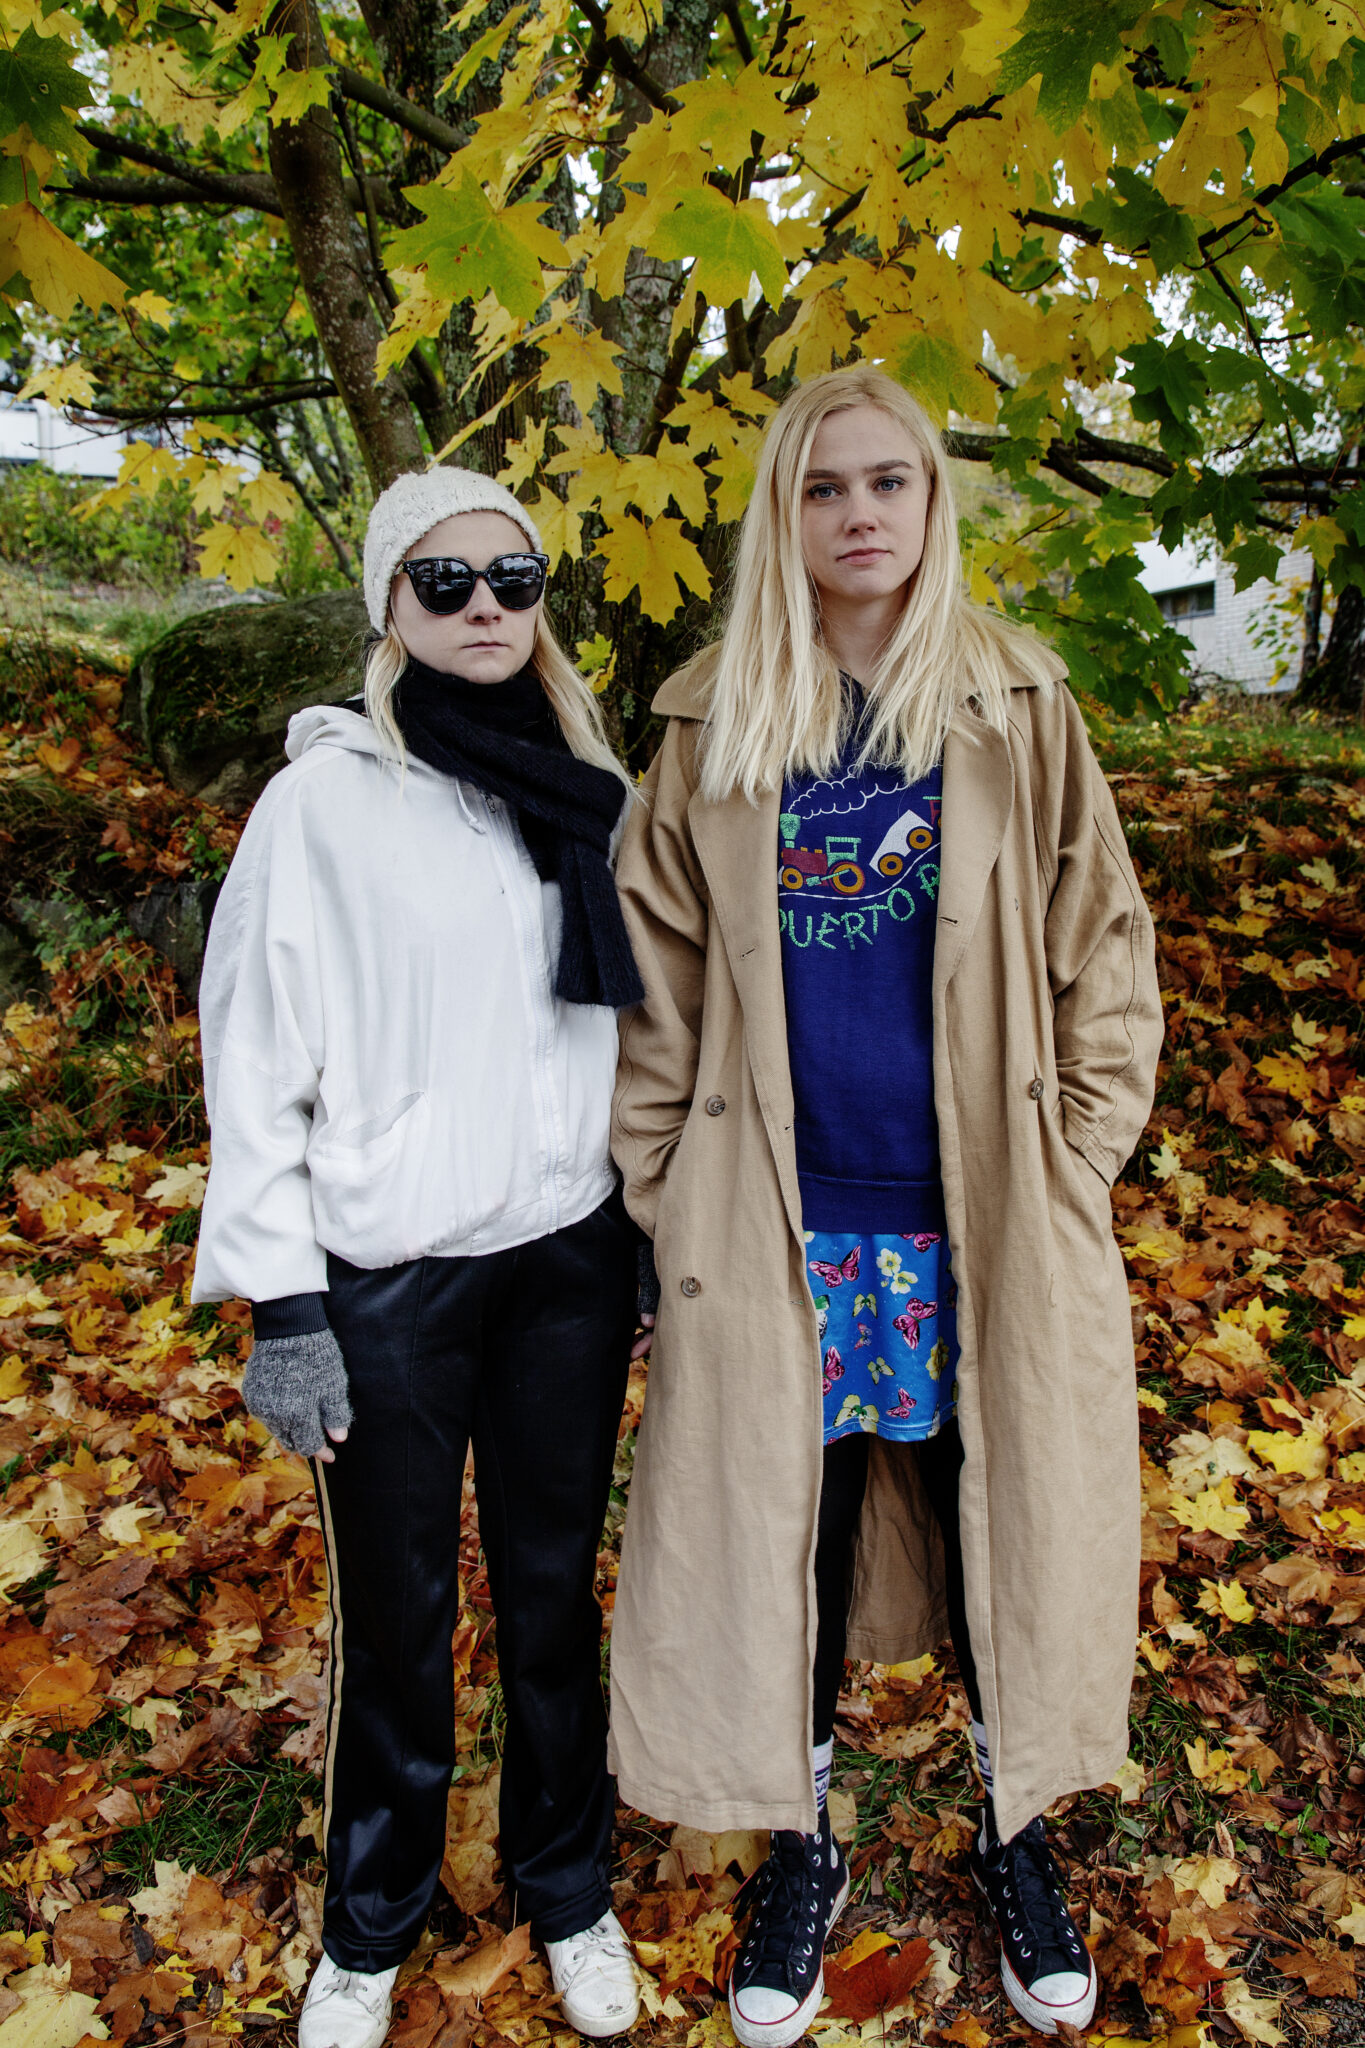 Anna ja Kaisa seisovat vierekkäin. Maassa pudonneita lehtiä.